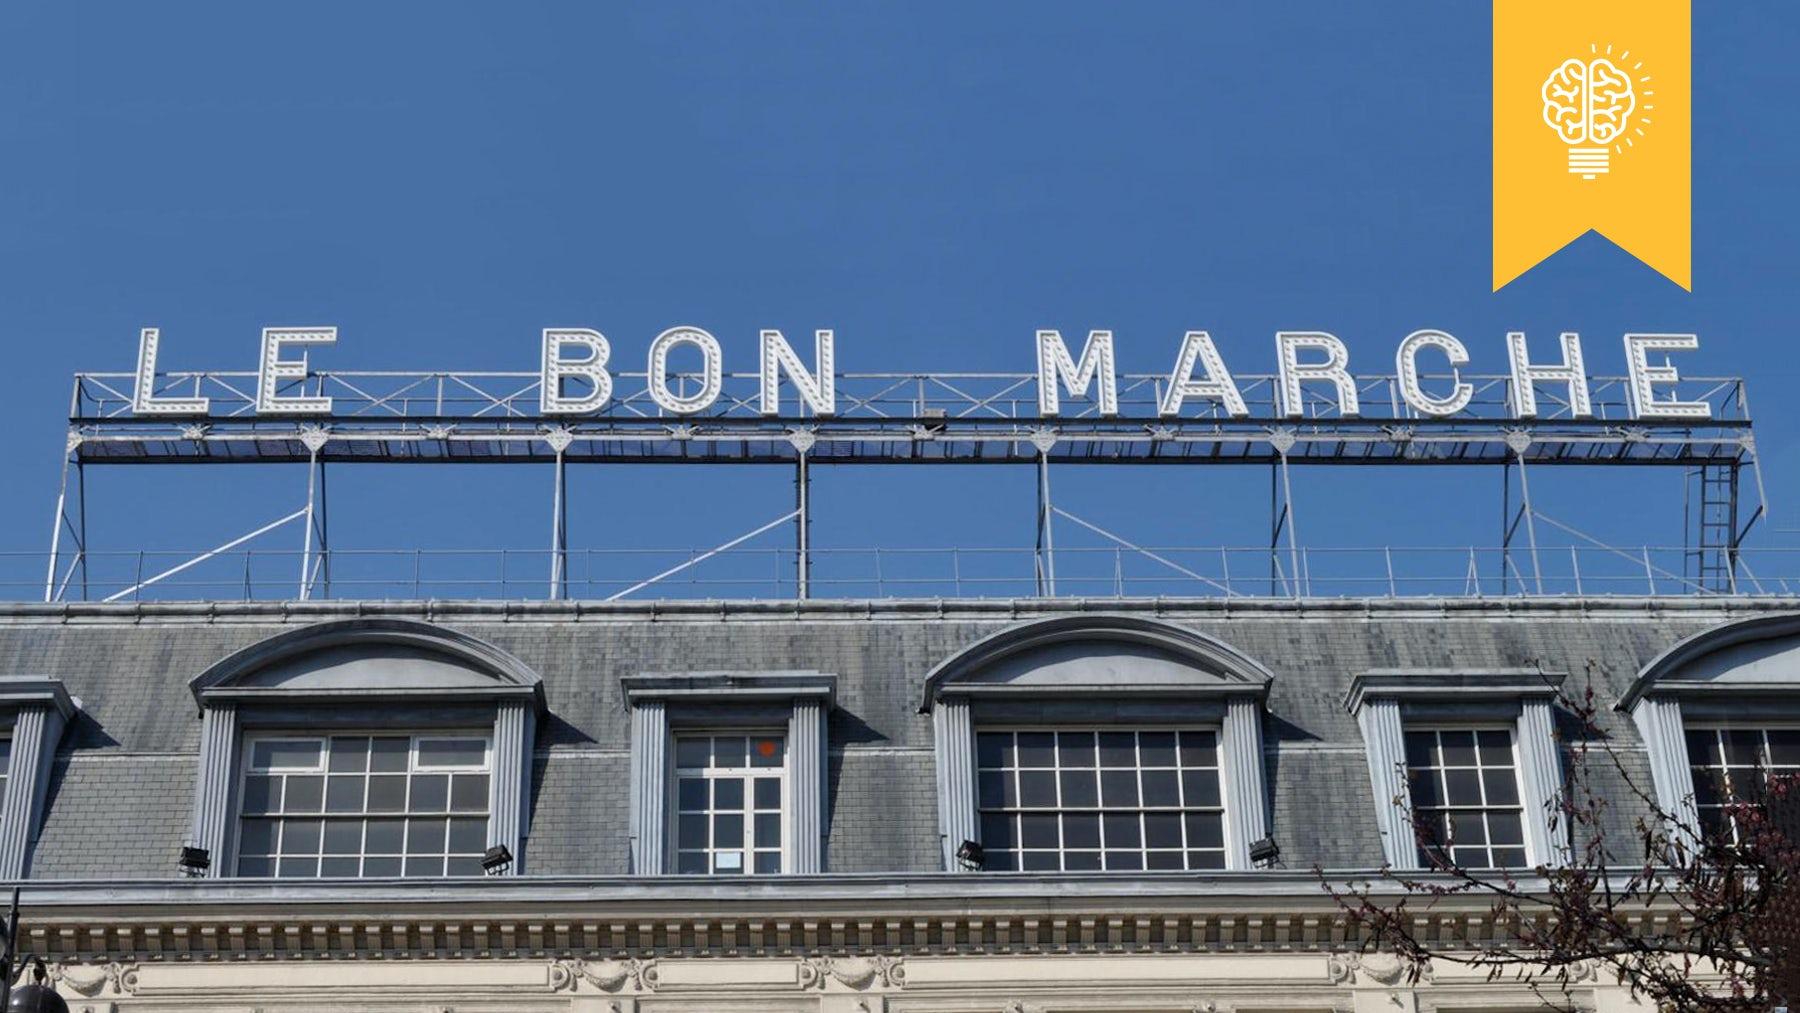 Le Bon Marché in Paris | Source: Flickr/Phil Beard